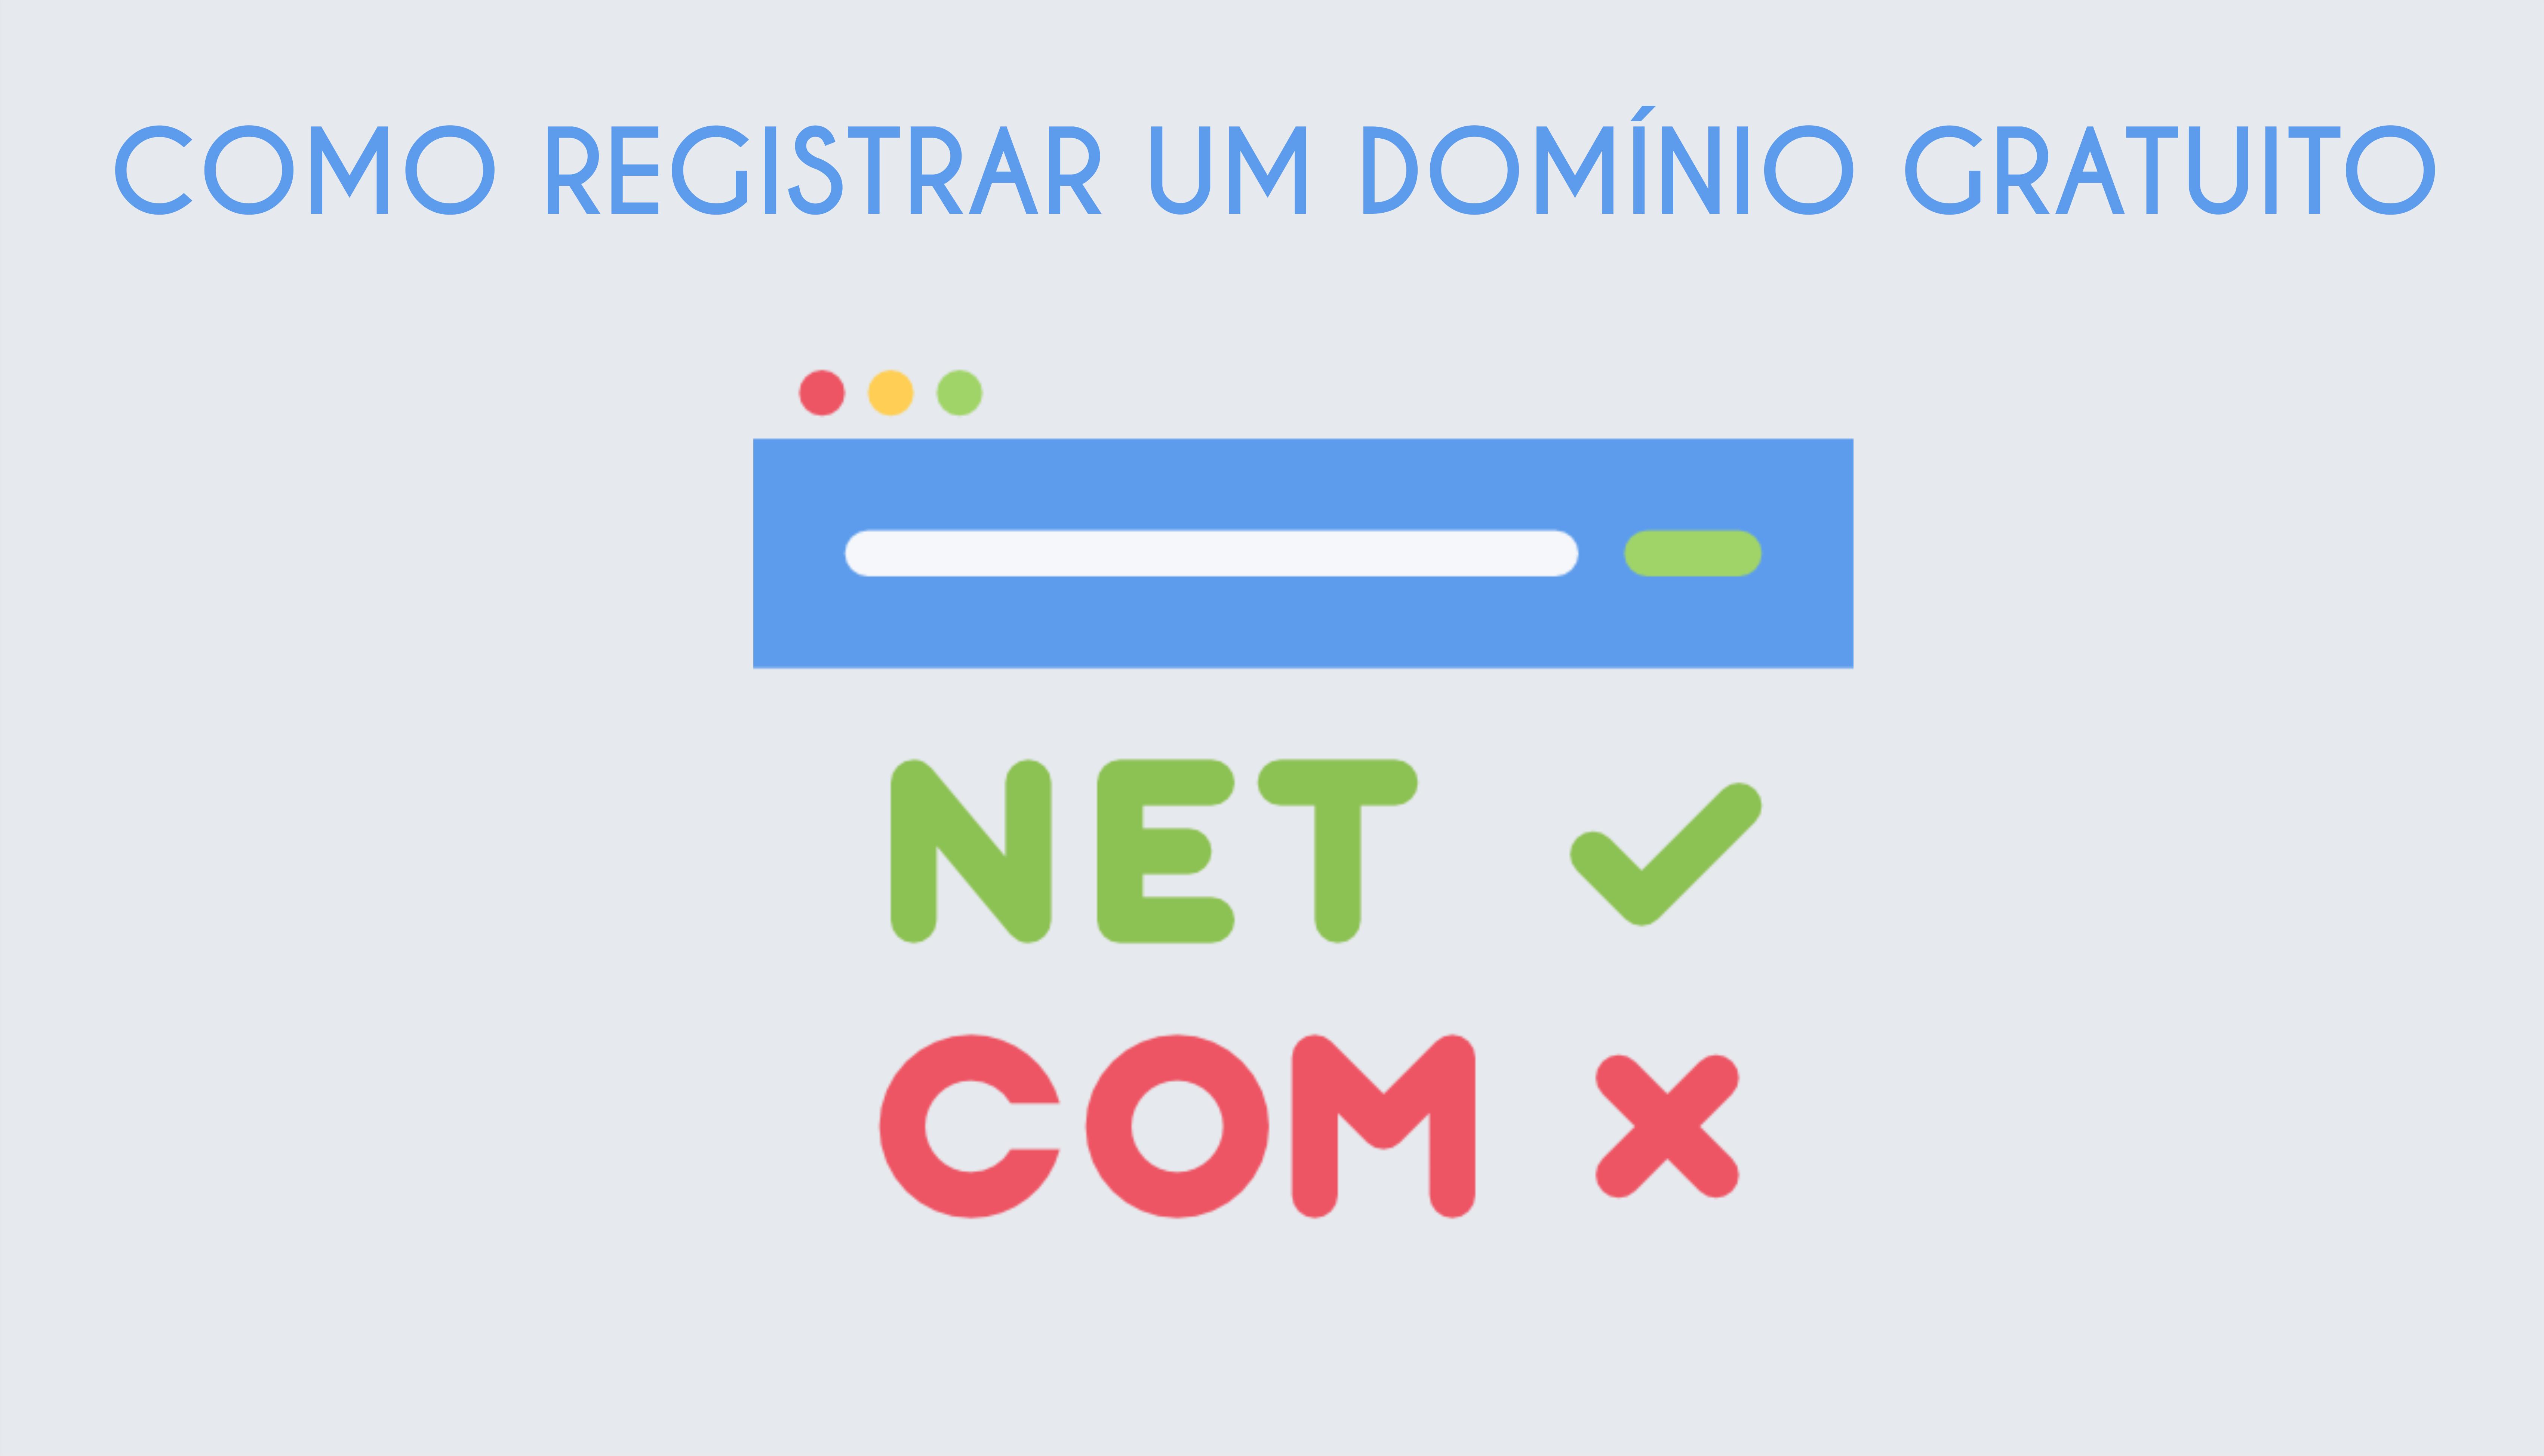 Como Registrar um domínio Gratuito facil